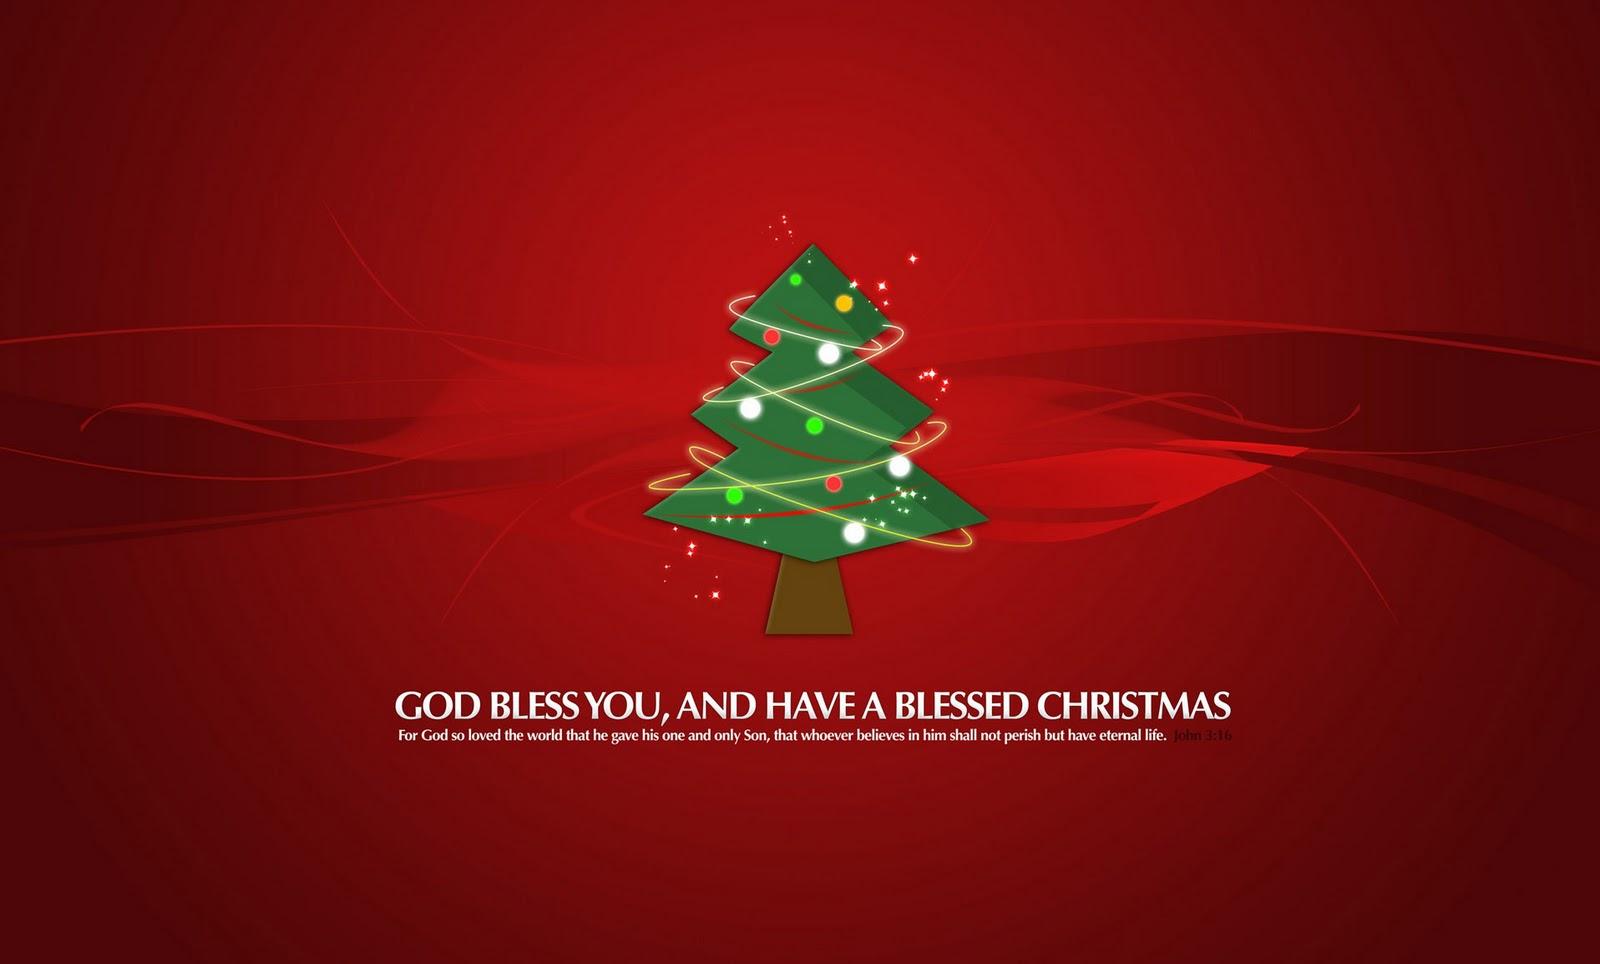 http://3.bp.blogspot.com/_Kpi0thIqeJI/TRHgJa5bQ0I/AAAAAAAAA1M/reOcUxMoD7c/s1600/Christmas+HD+Wallpapers+1920x1200+%252833%2529.jpg